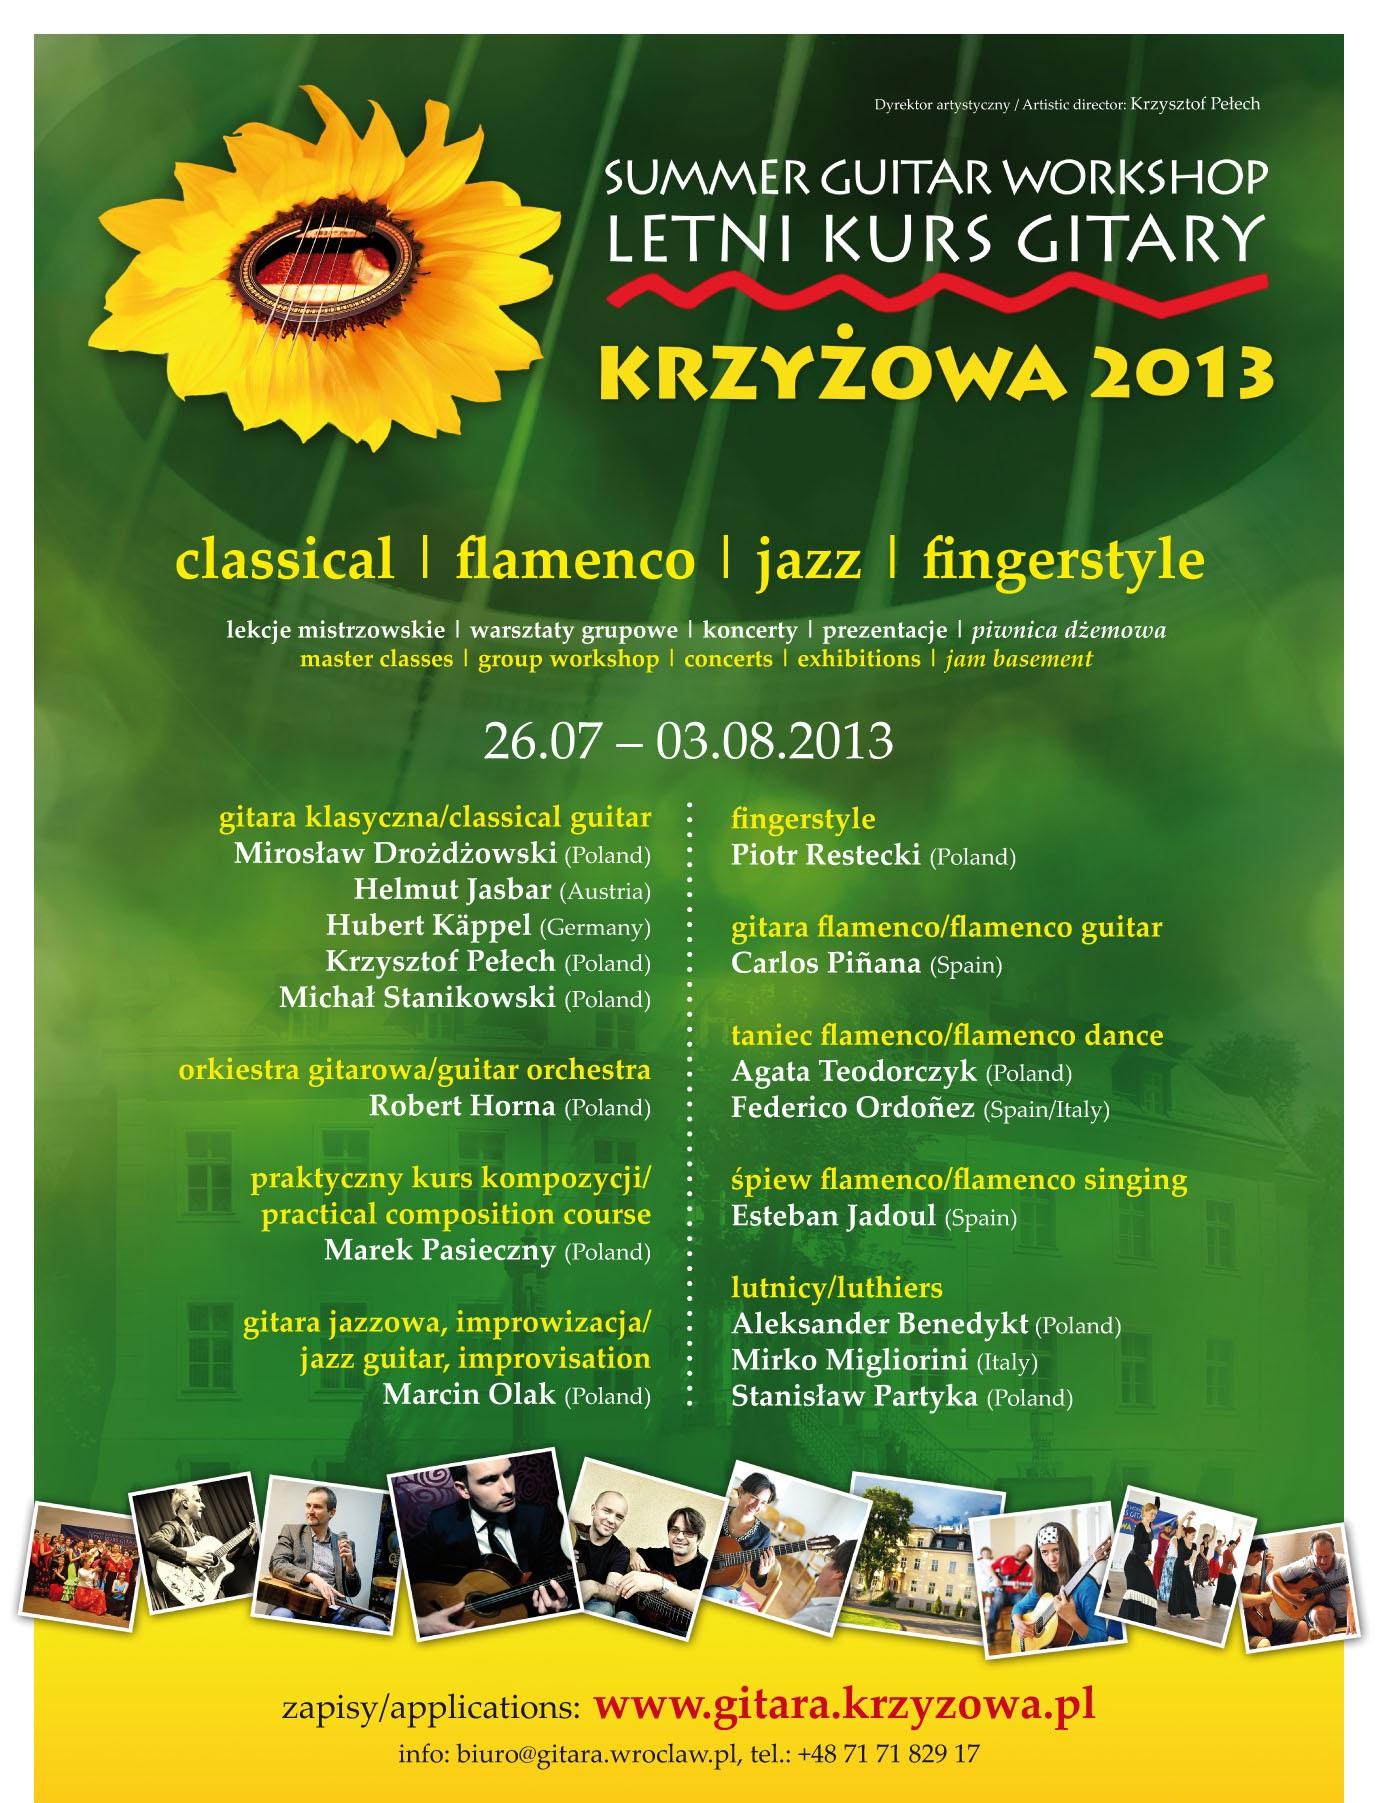 """13. Letni Kurs Gitary """"Krzyżowa"""" 2013, plakat (źródło: mat. prasowe)"""